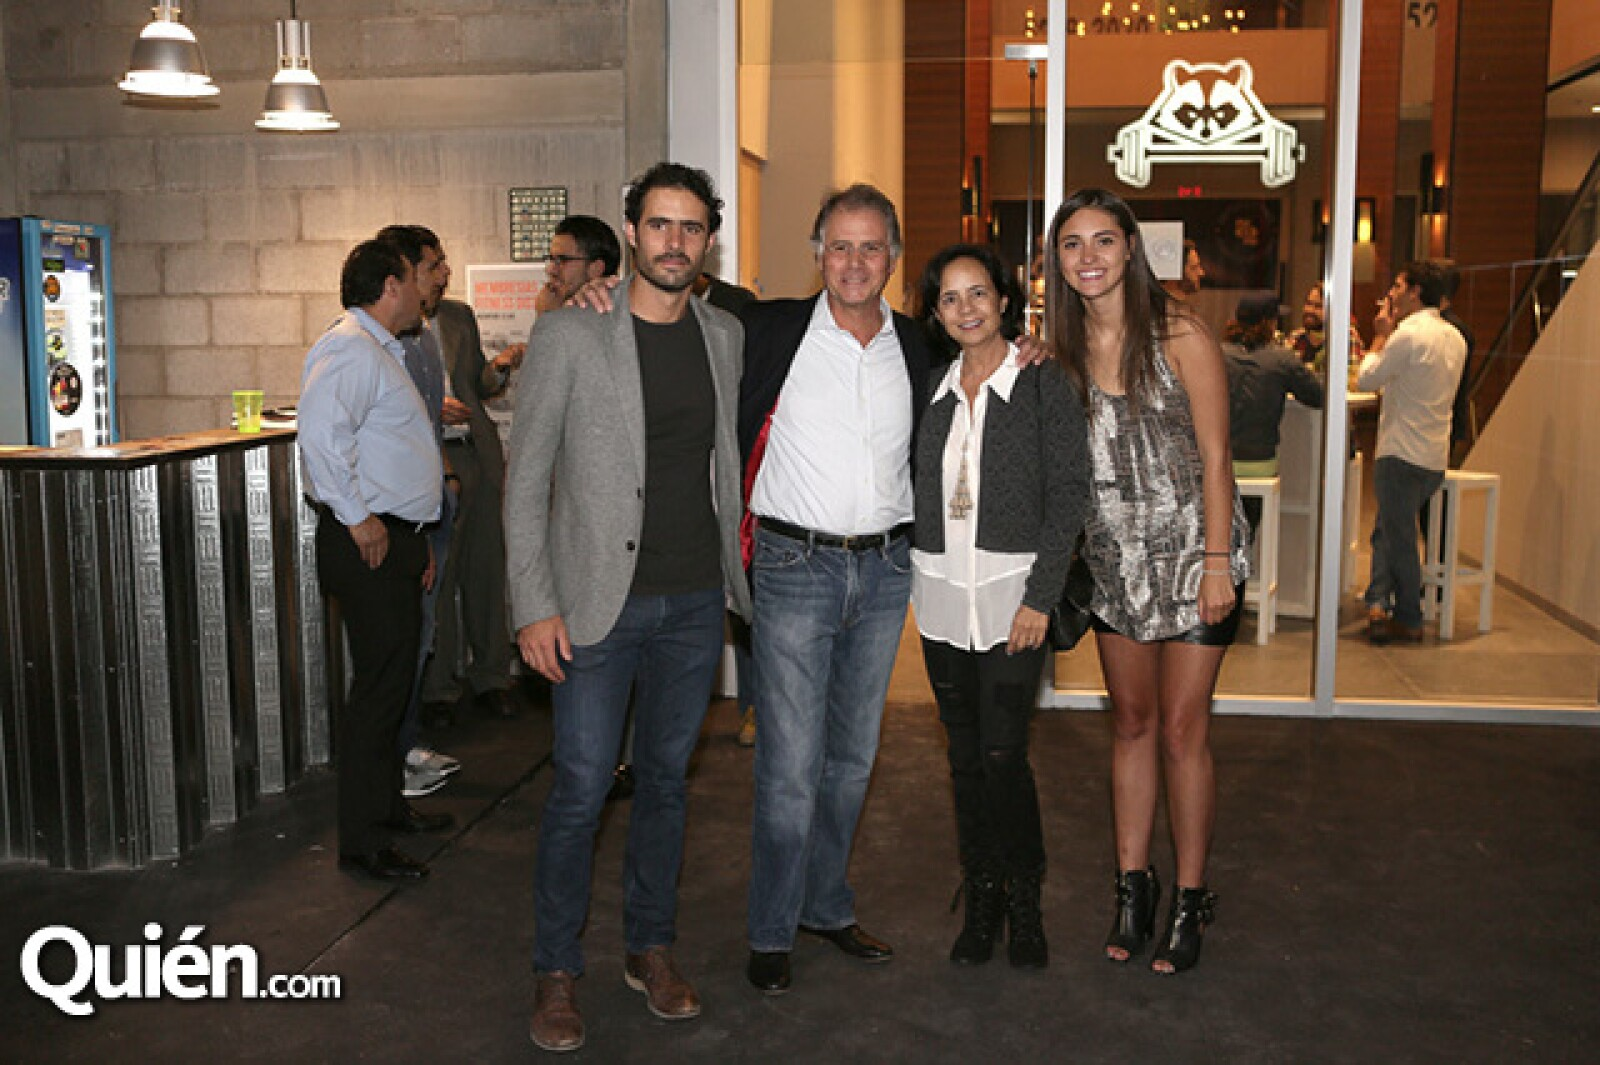 Andrés Morales, Agustín Morales, Mayte Guzmán y Franchesca Ingenito